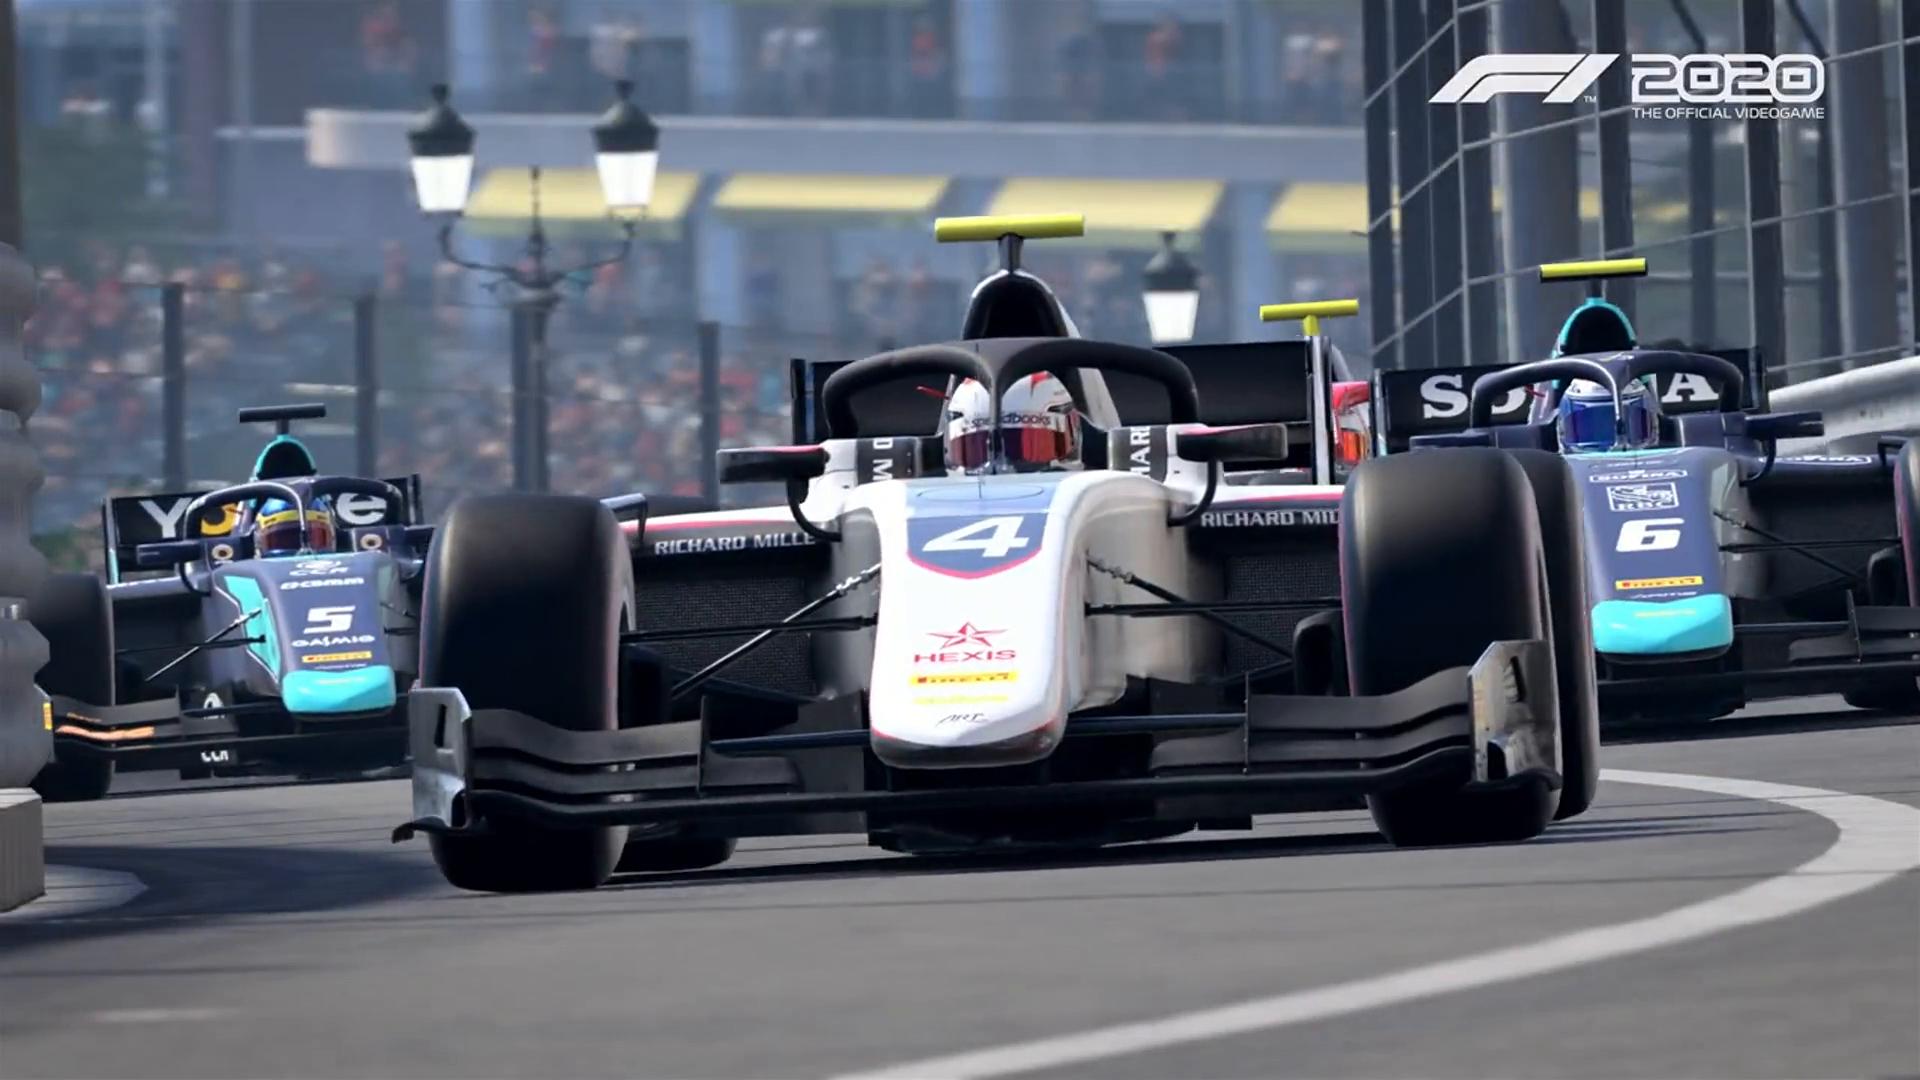 Provspela F1 2020 gratis till Playstation 4 och Xbox One